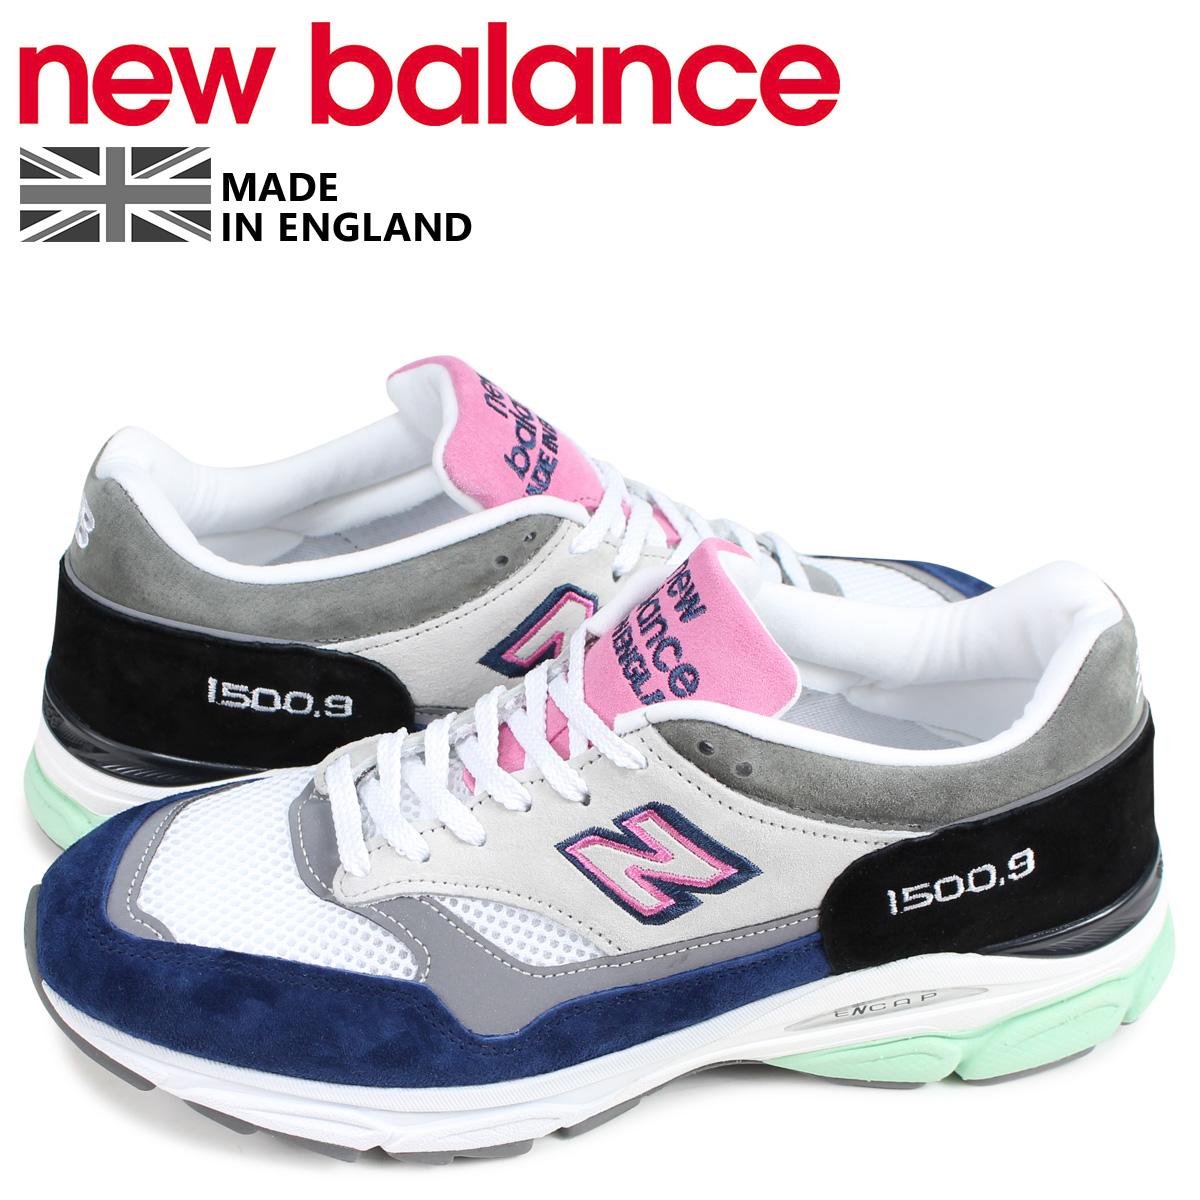 ニューバランス new balance 1500.9 スニーカー メンズ Dワイズ MADE IN UK ホワイト 白 M15009FR